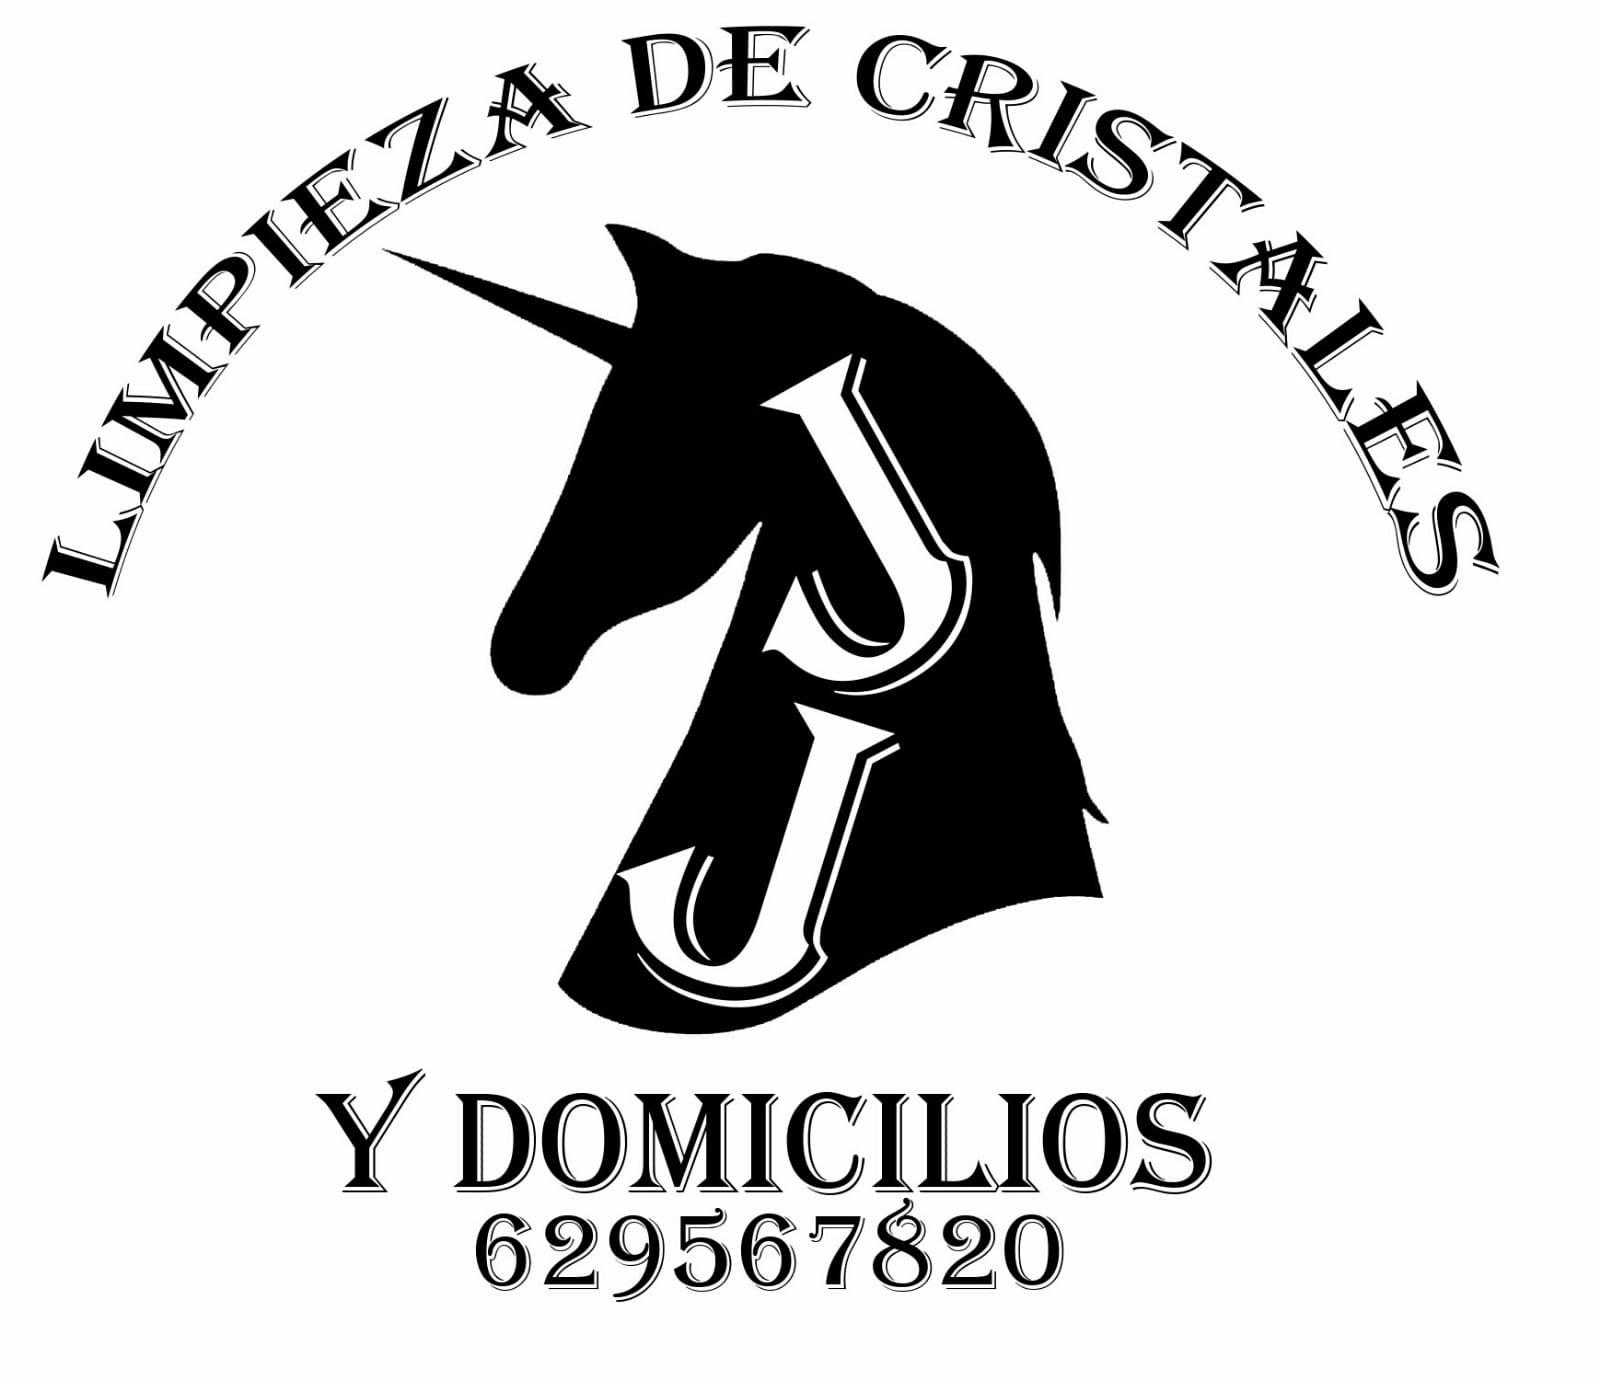 JJ Limpiezas de Cristales y Domicilios